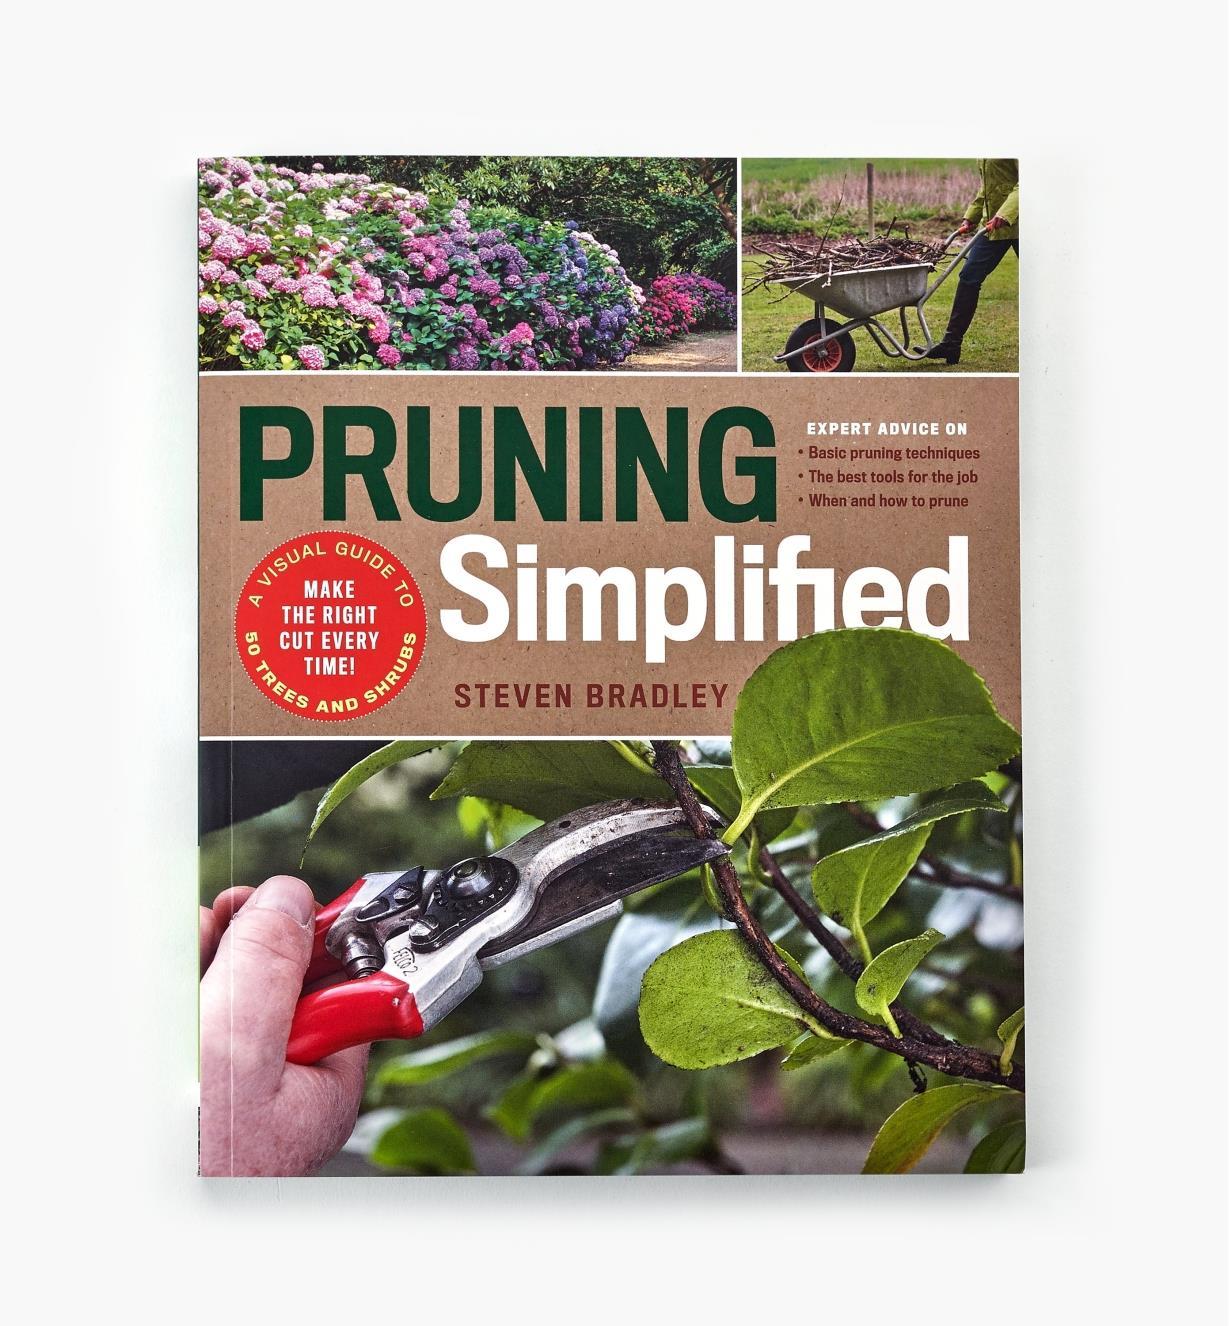 LA972 - Pruning Simplified